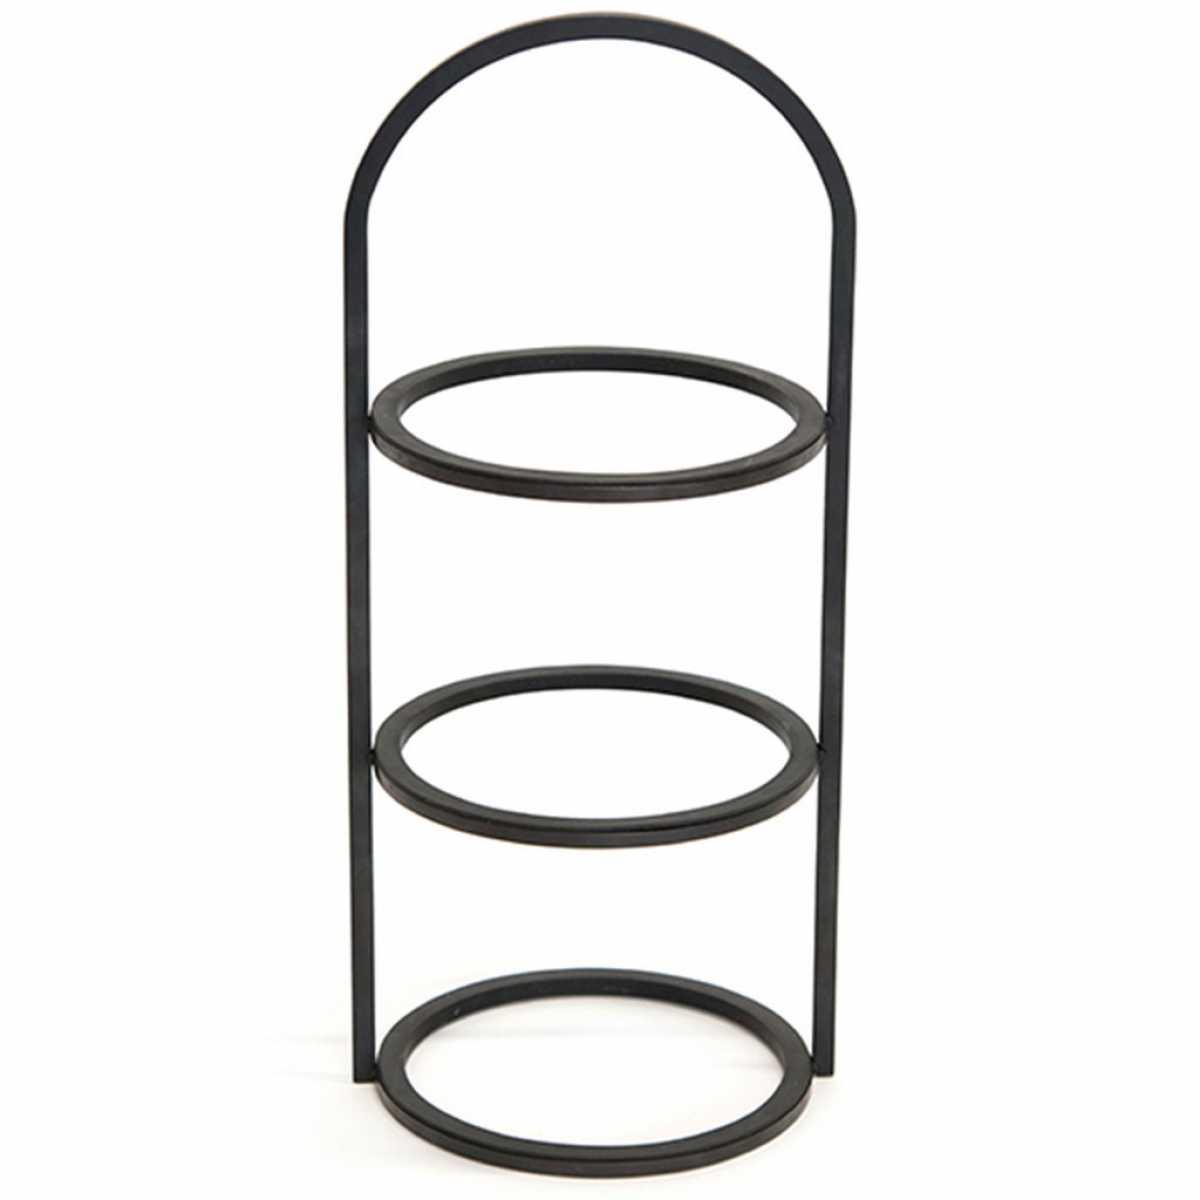 CRASTER Üç Katlı Yuvarlak Yükseltici - Karartılmış Yumuşak Çelik